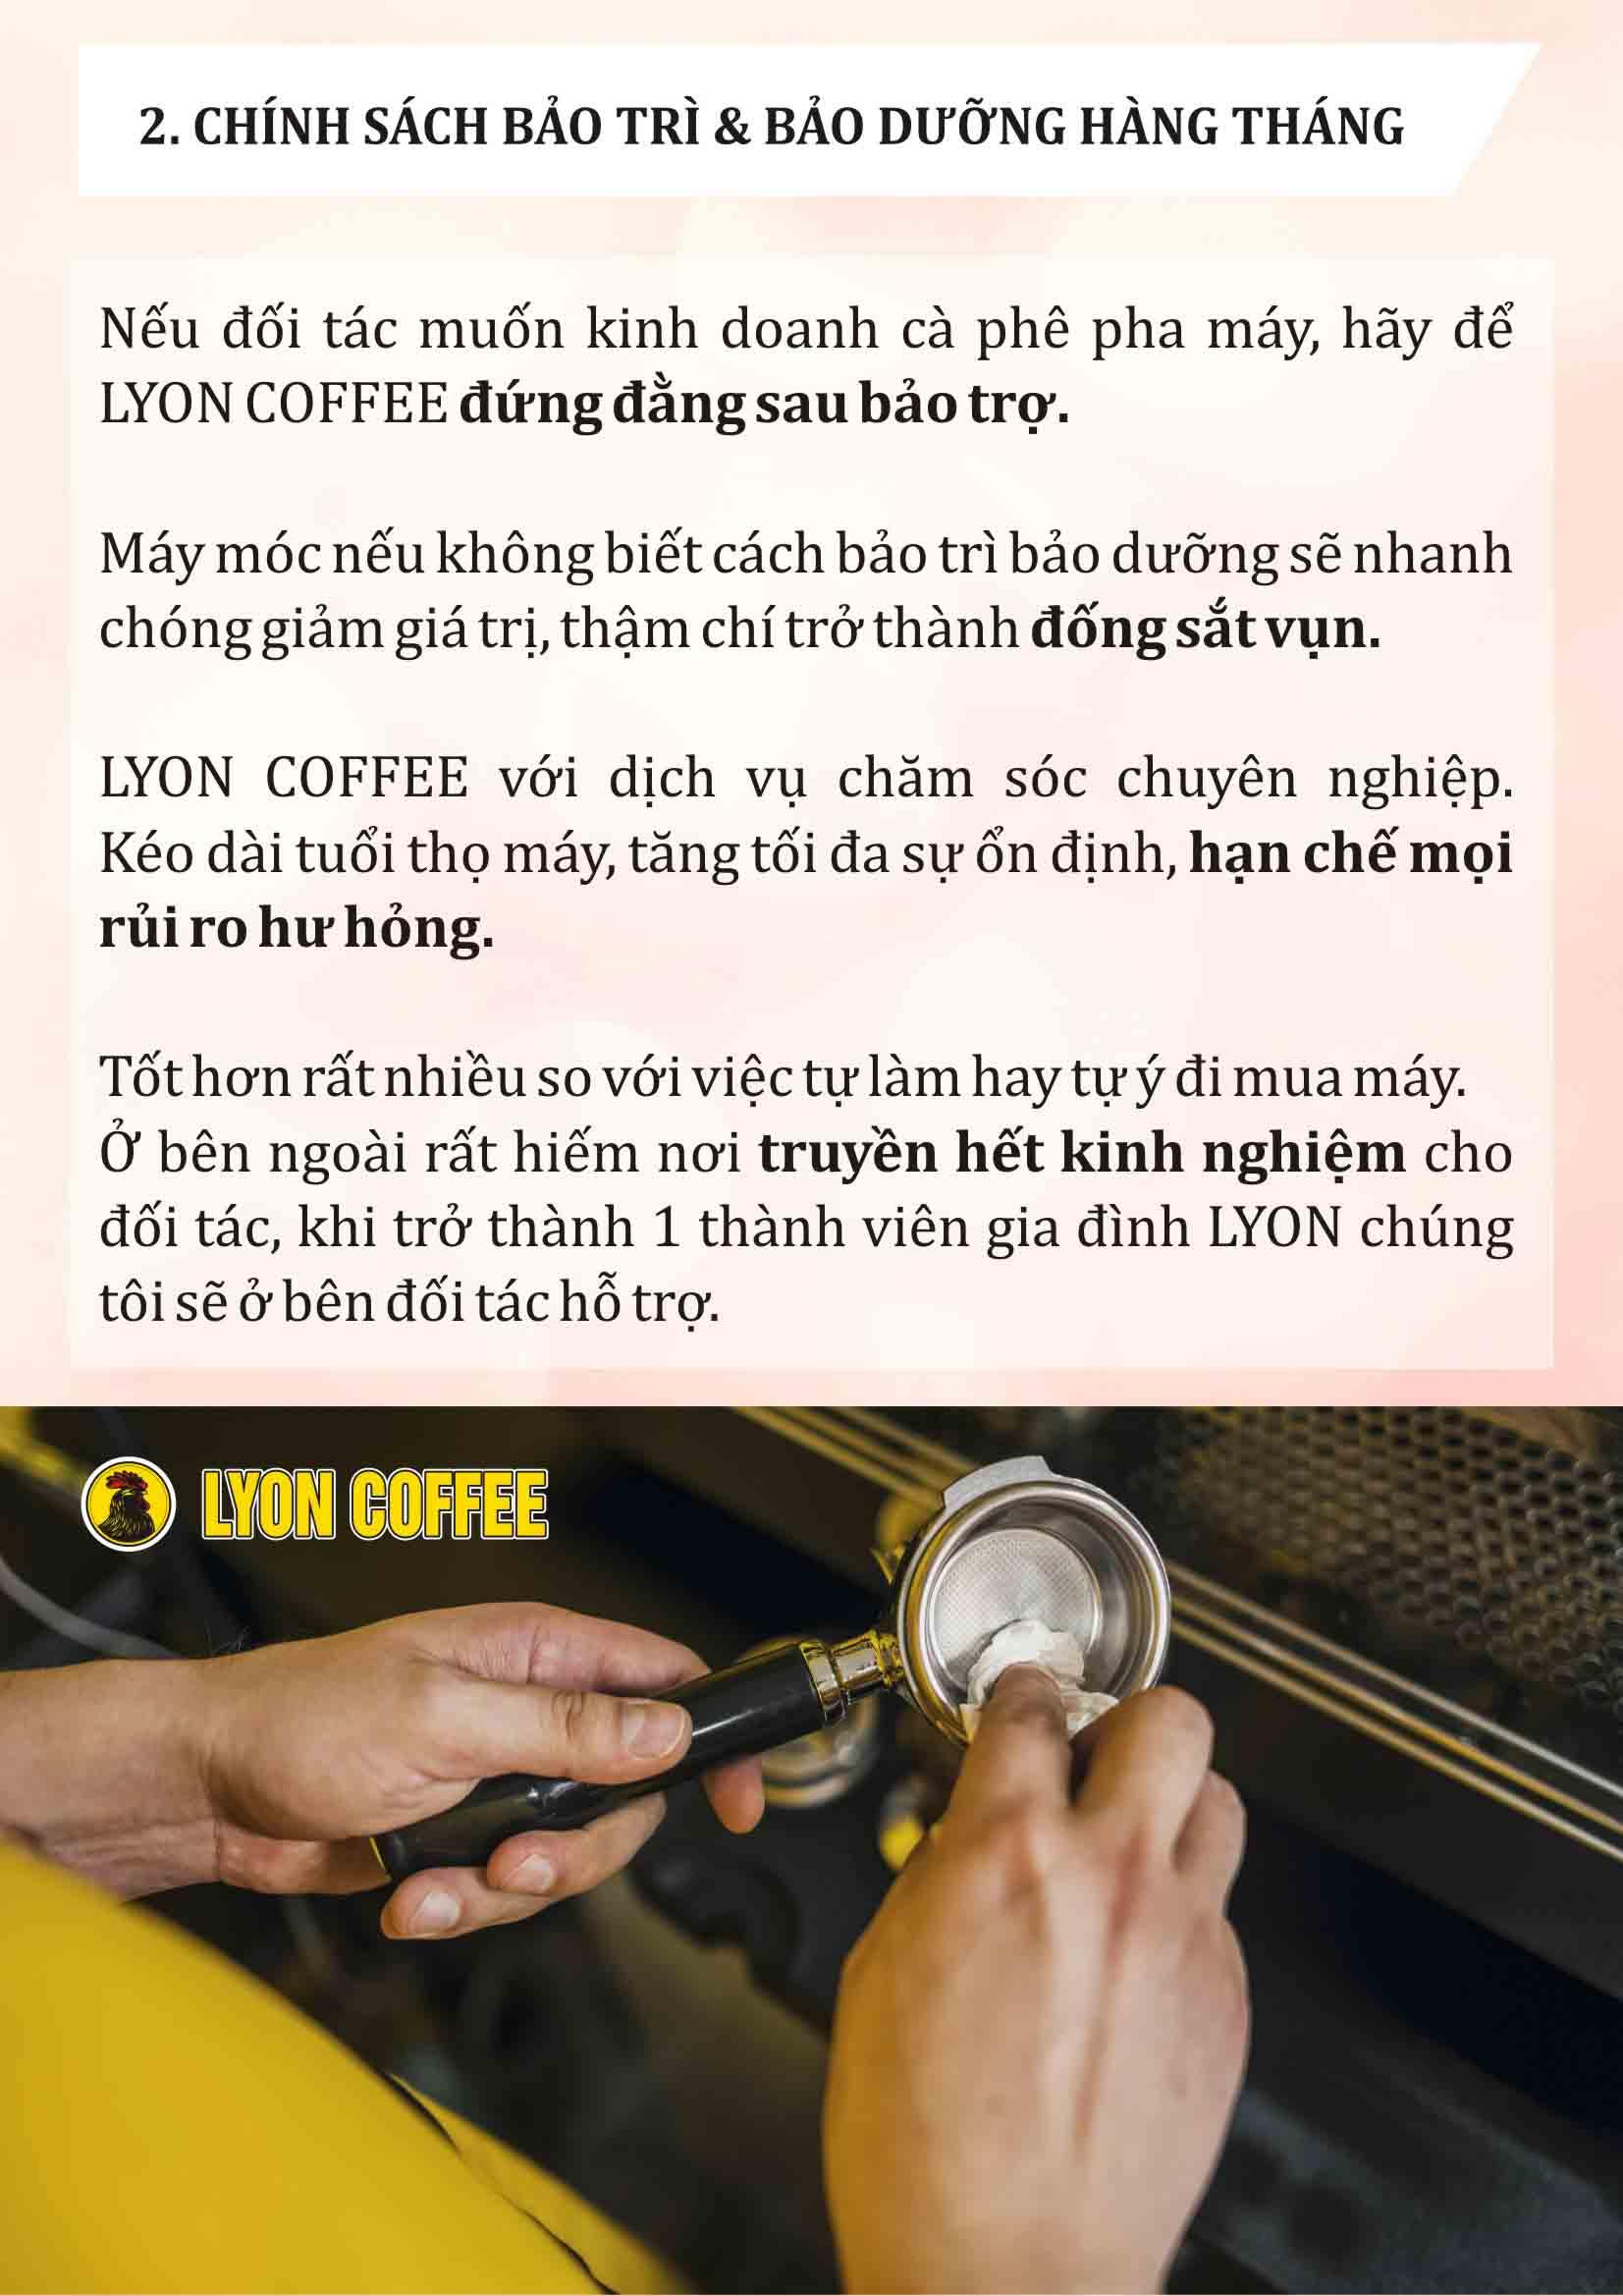 Chính sách bảo hành kiểm tra thường xuyên khi hợp tác với Lyon Coffee